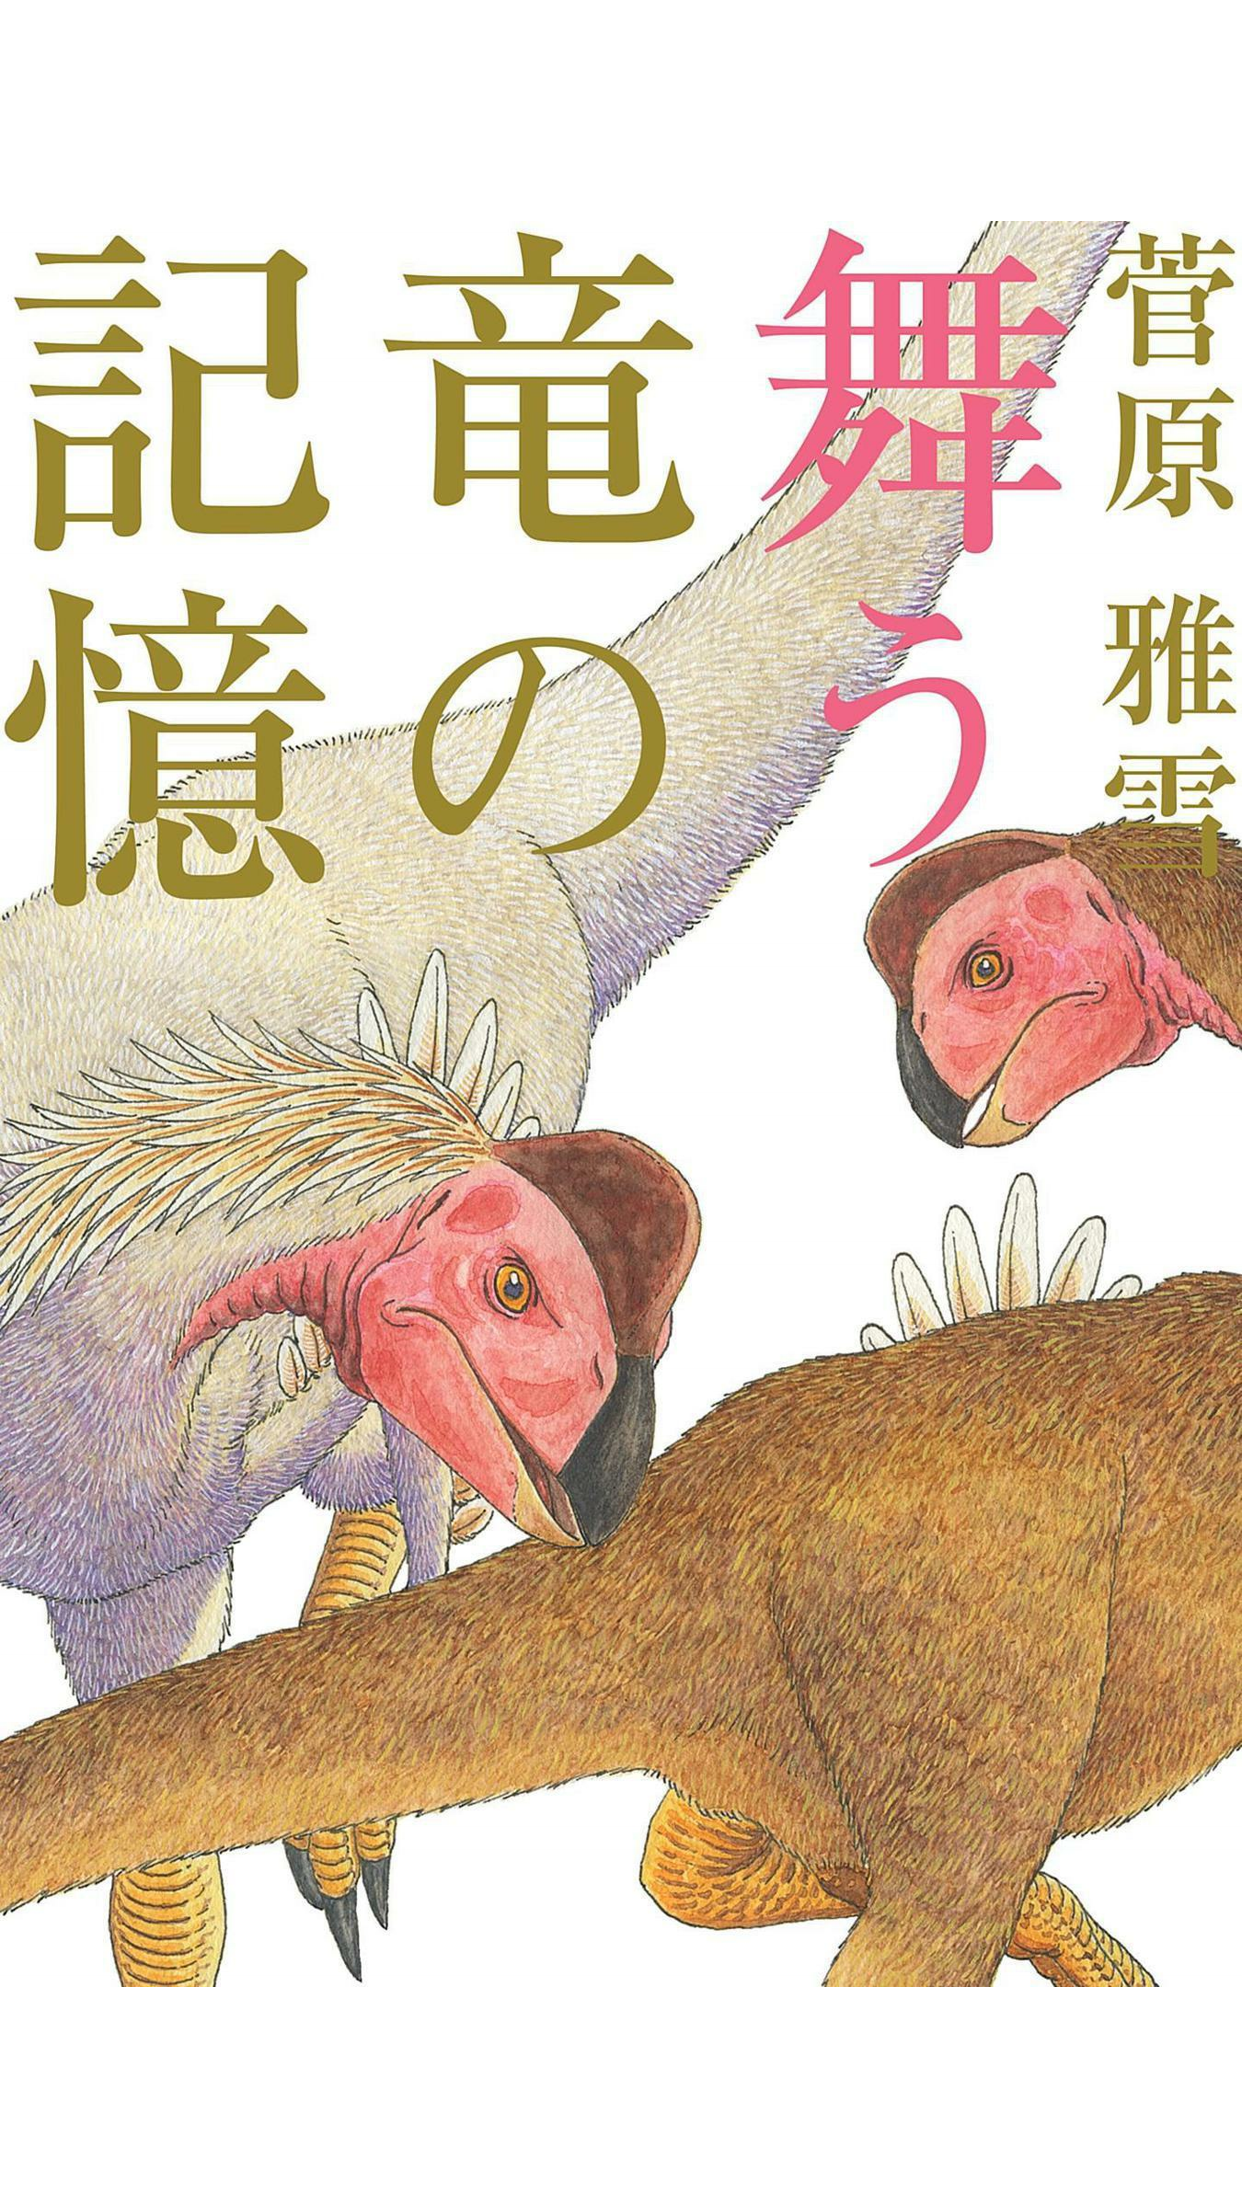 『舞う竜の記憶』 感想 オススメ 恐竜